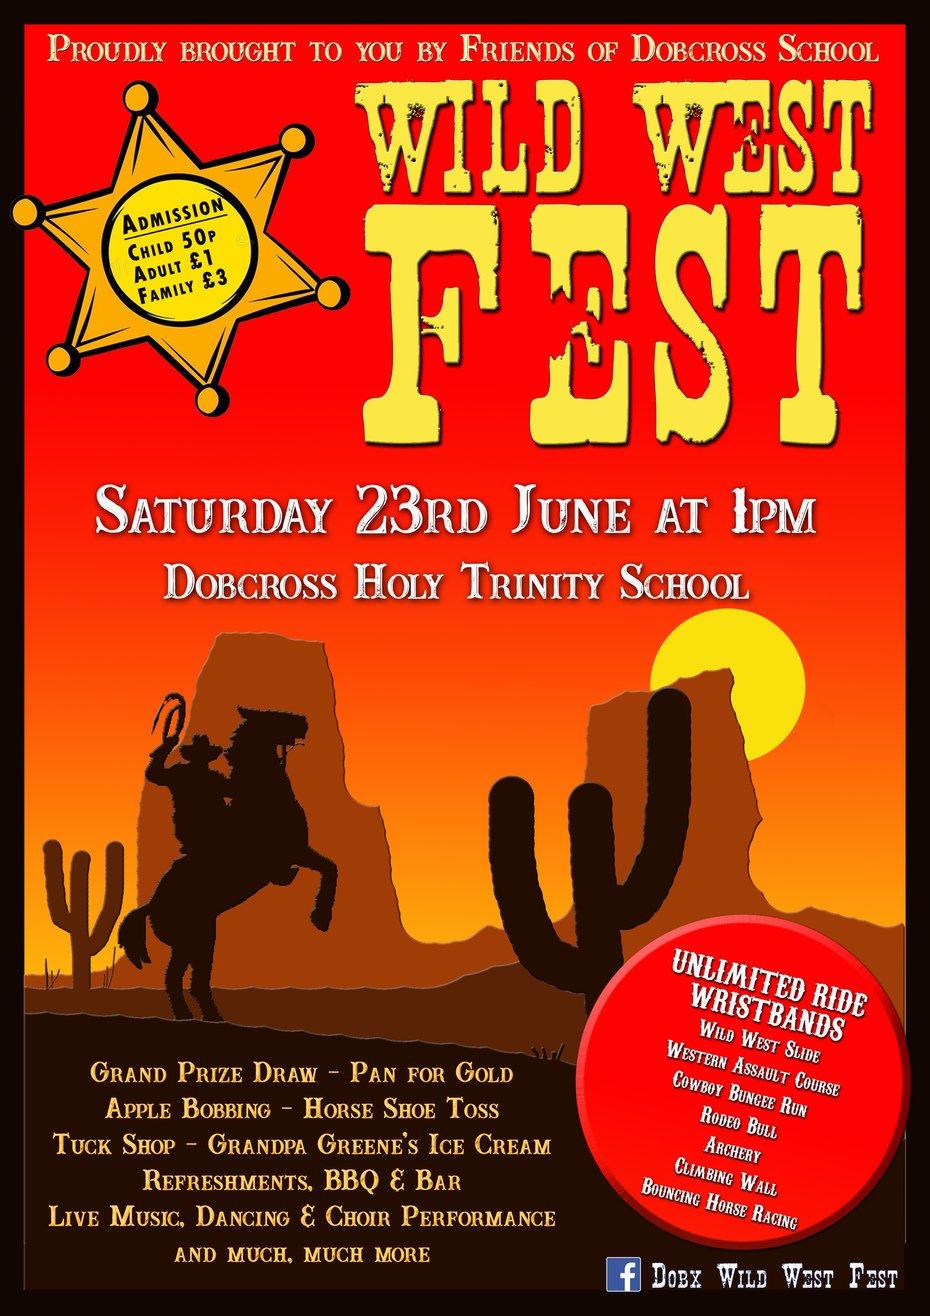 West West Fest Flyer front